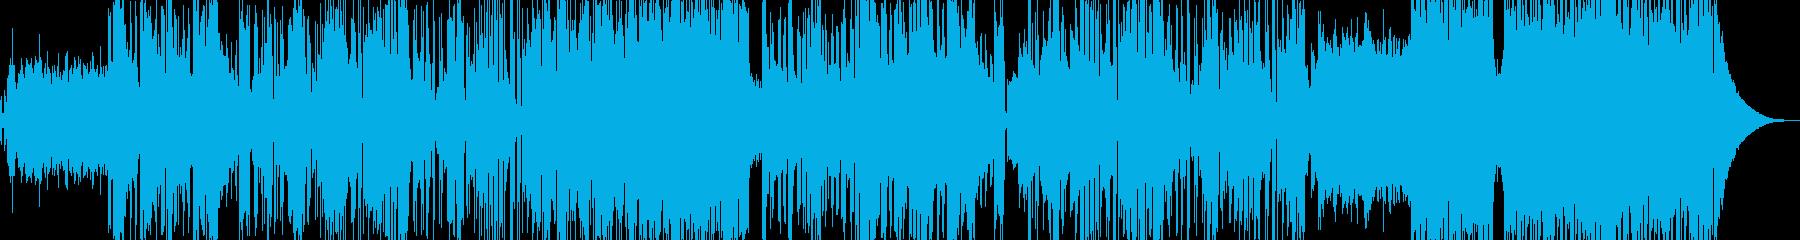 疾走感と癒しを込めたドラムンベースの再生済みの波形